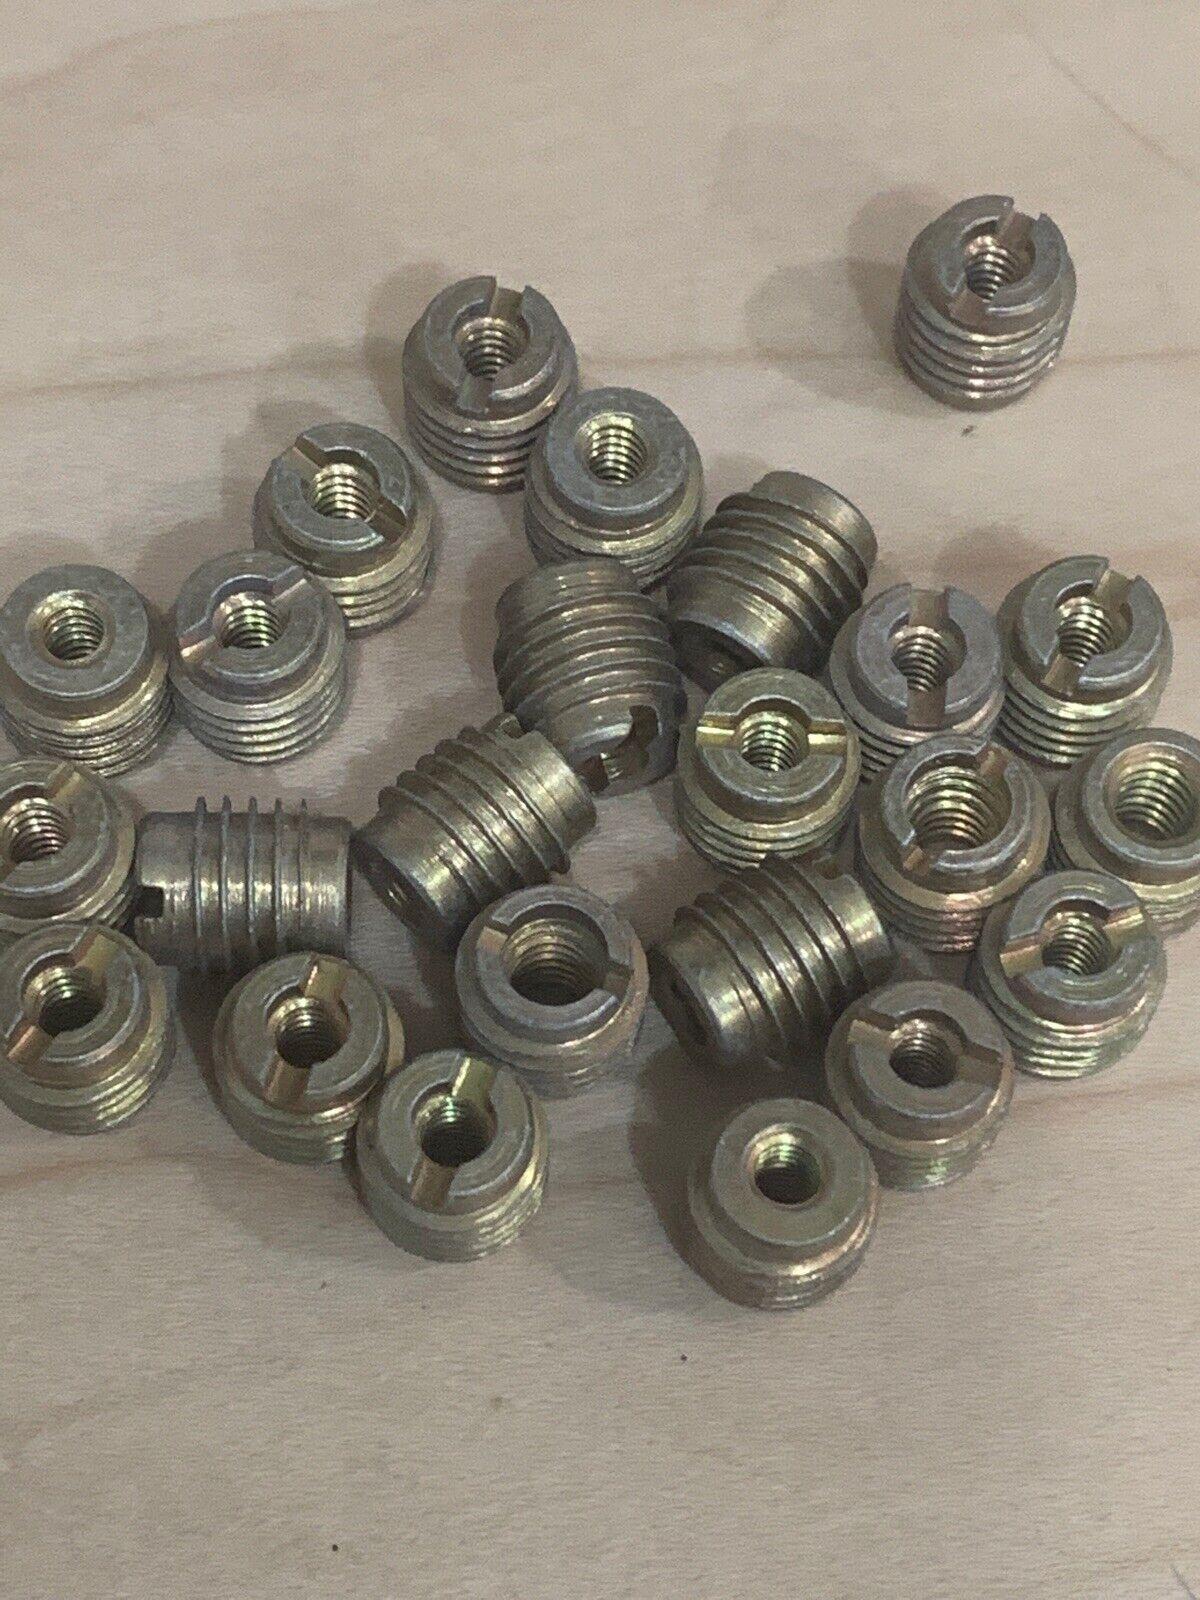 10X M6M8M10 Carbon Steel Hexagon Hex Socket Head Wood Furniture Insert Nut E-nut